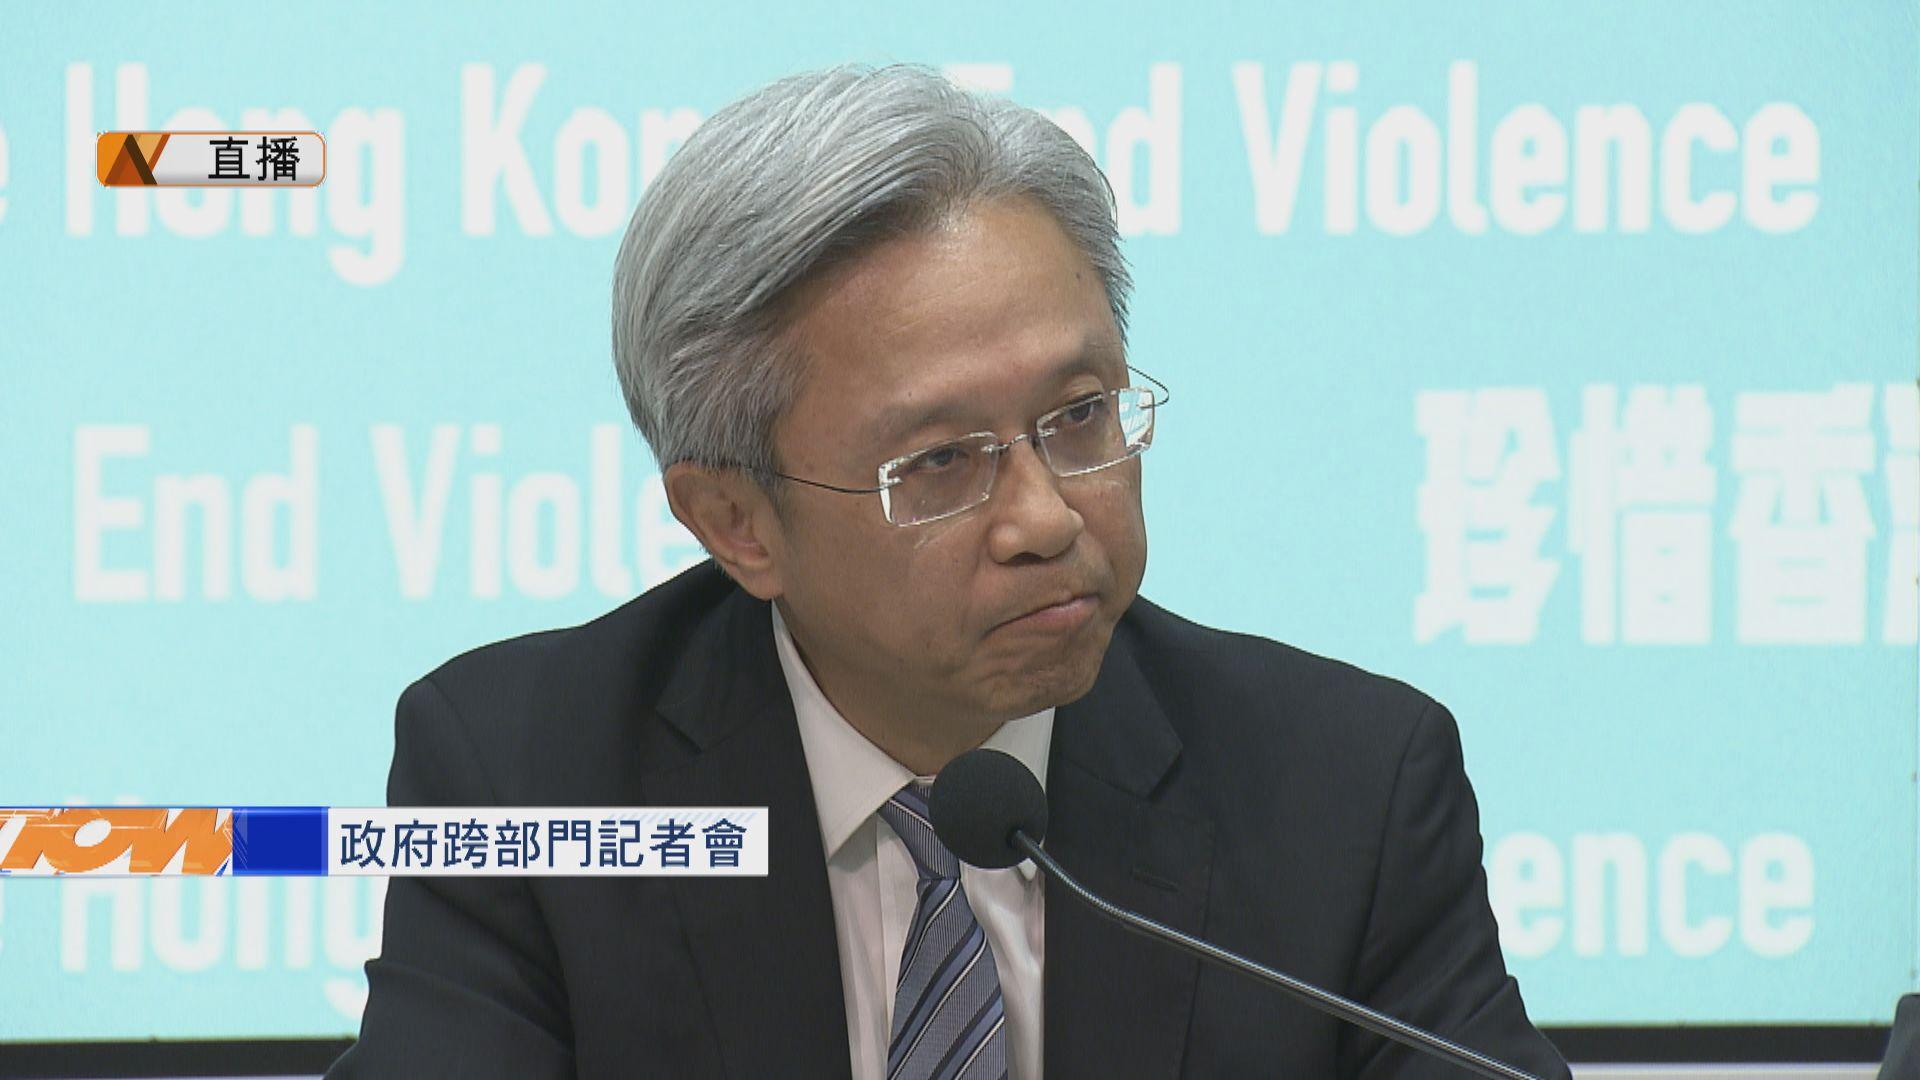 【最新】羅智光:公務員表達意見不應令人懷疑執行職務時有偏袒